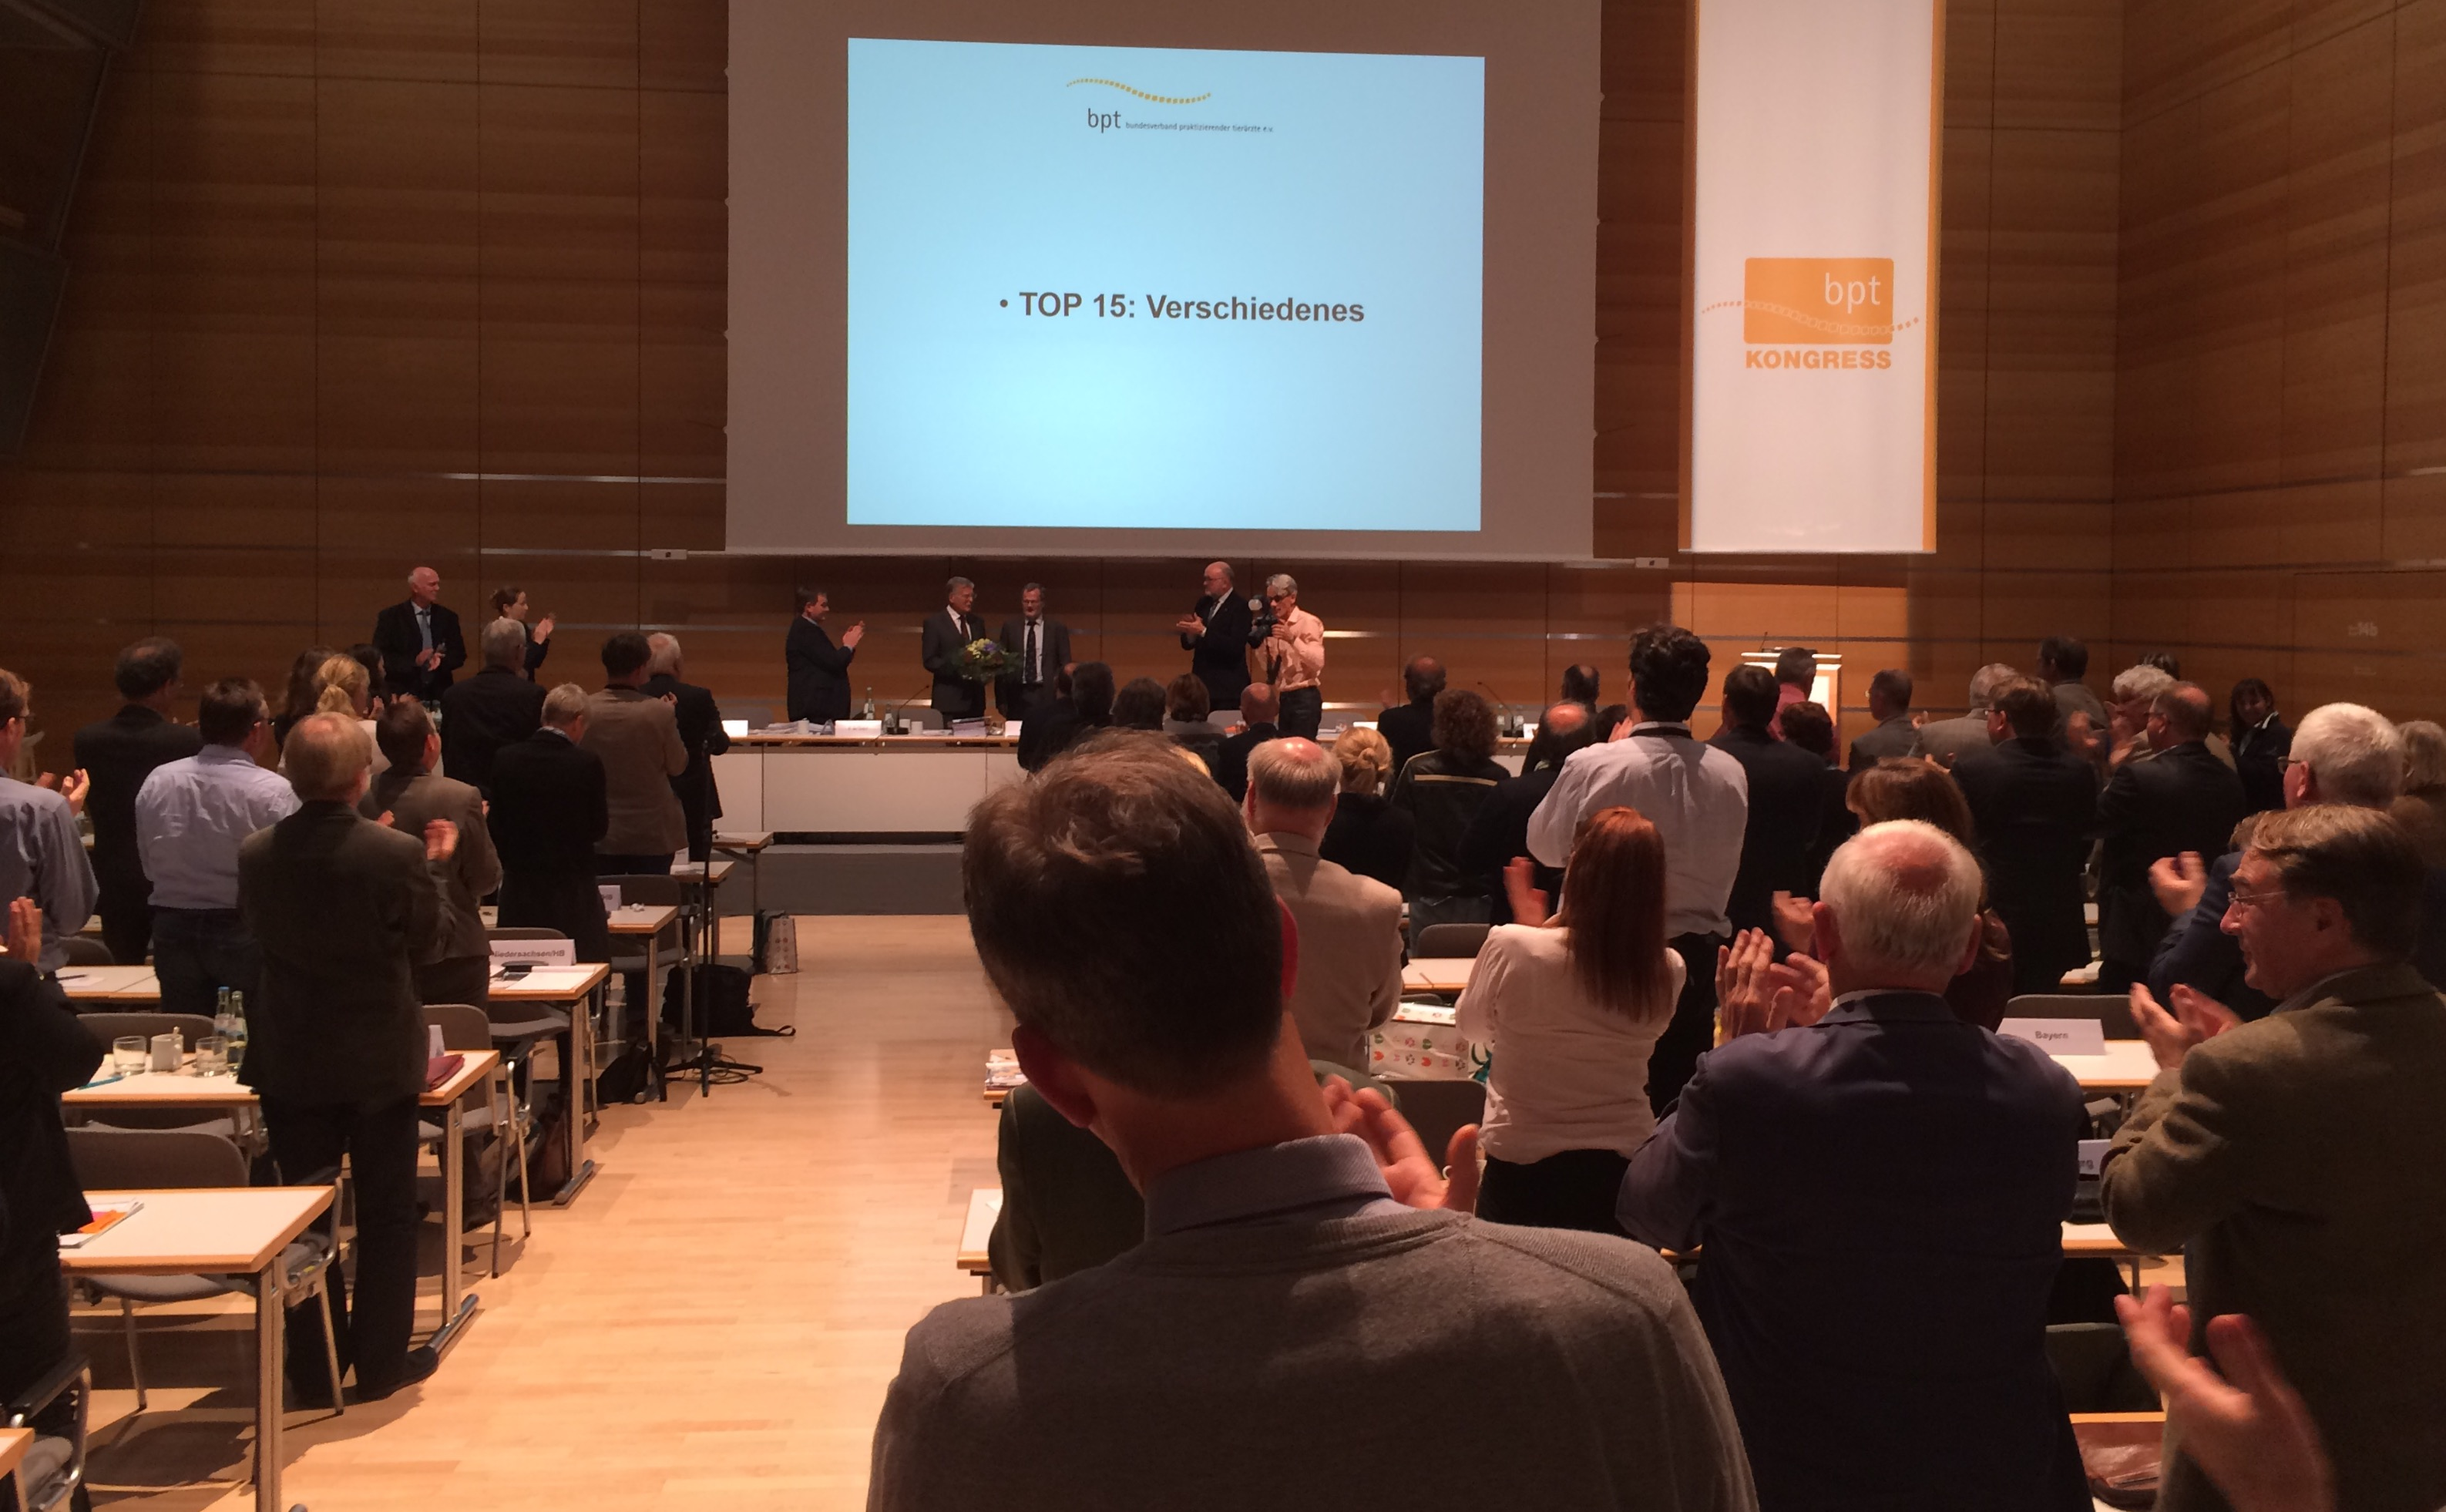 Mit stehendem Applaus bedankt sich die Mitgliederversammlung bei Dr. Hans-Joachm Götz für die zwölfjährige Arbeit als bpt-Präsident. (Foto: ©WiSiTiA/jh)